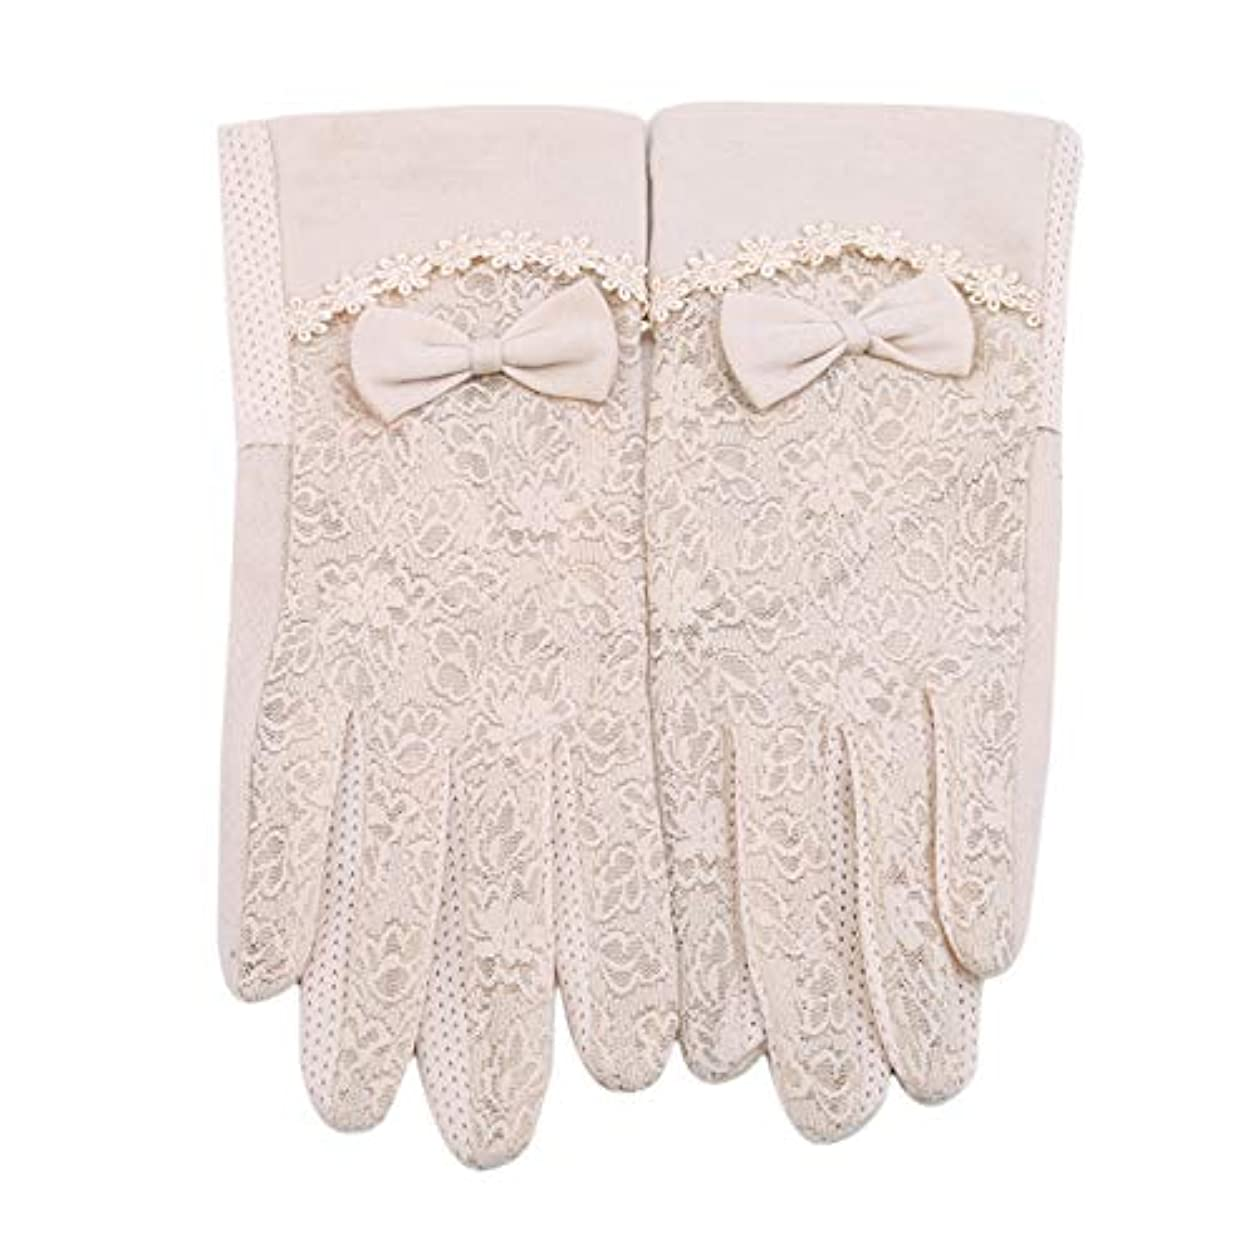 火山学者ジュラシックパークゴムMODMHB 手袋 UVカット 手触りが良い 紫外線カット 日焼け防止 ハンド ケア 手荒い対策 保湿 保護 抗菌 防臭